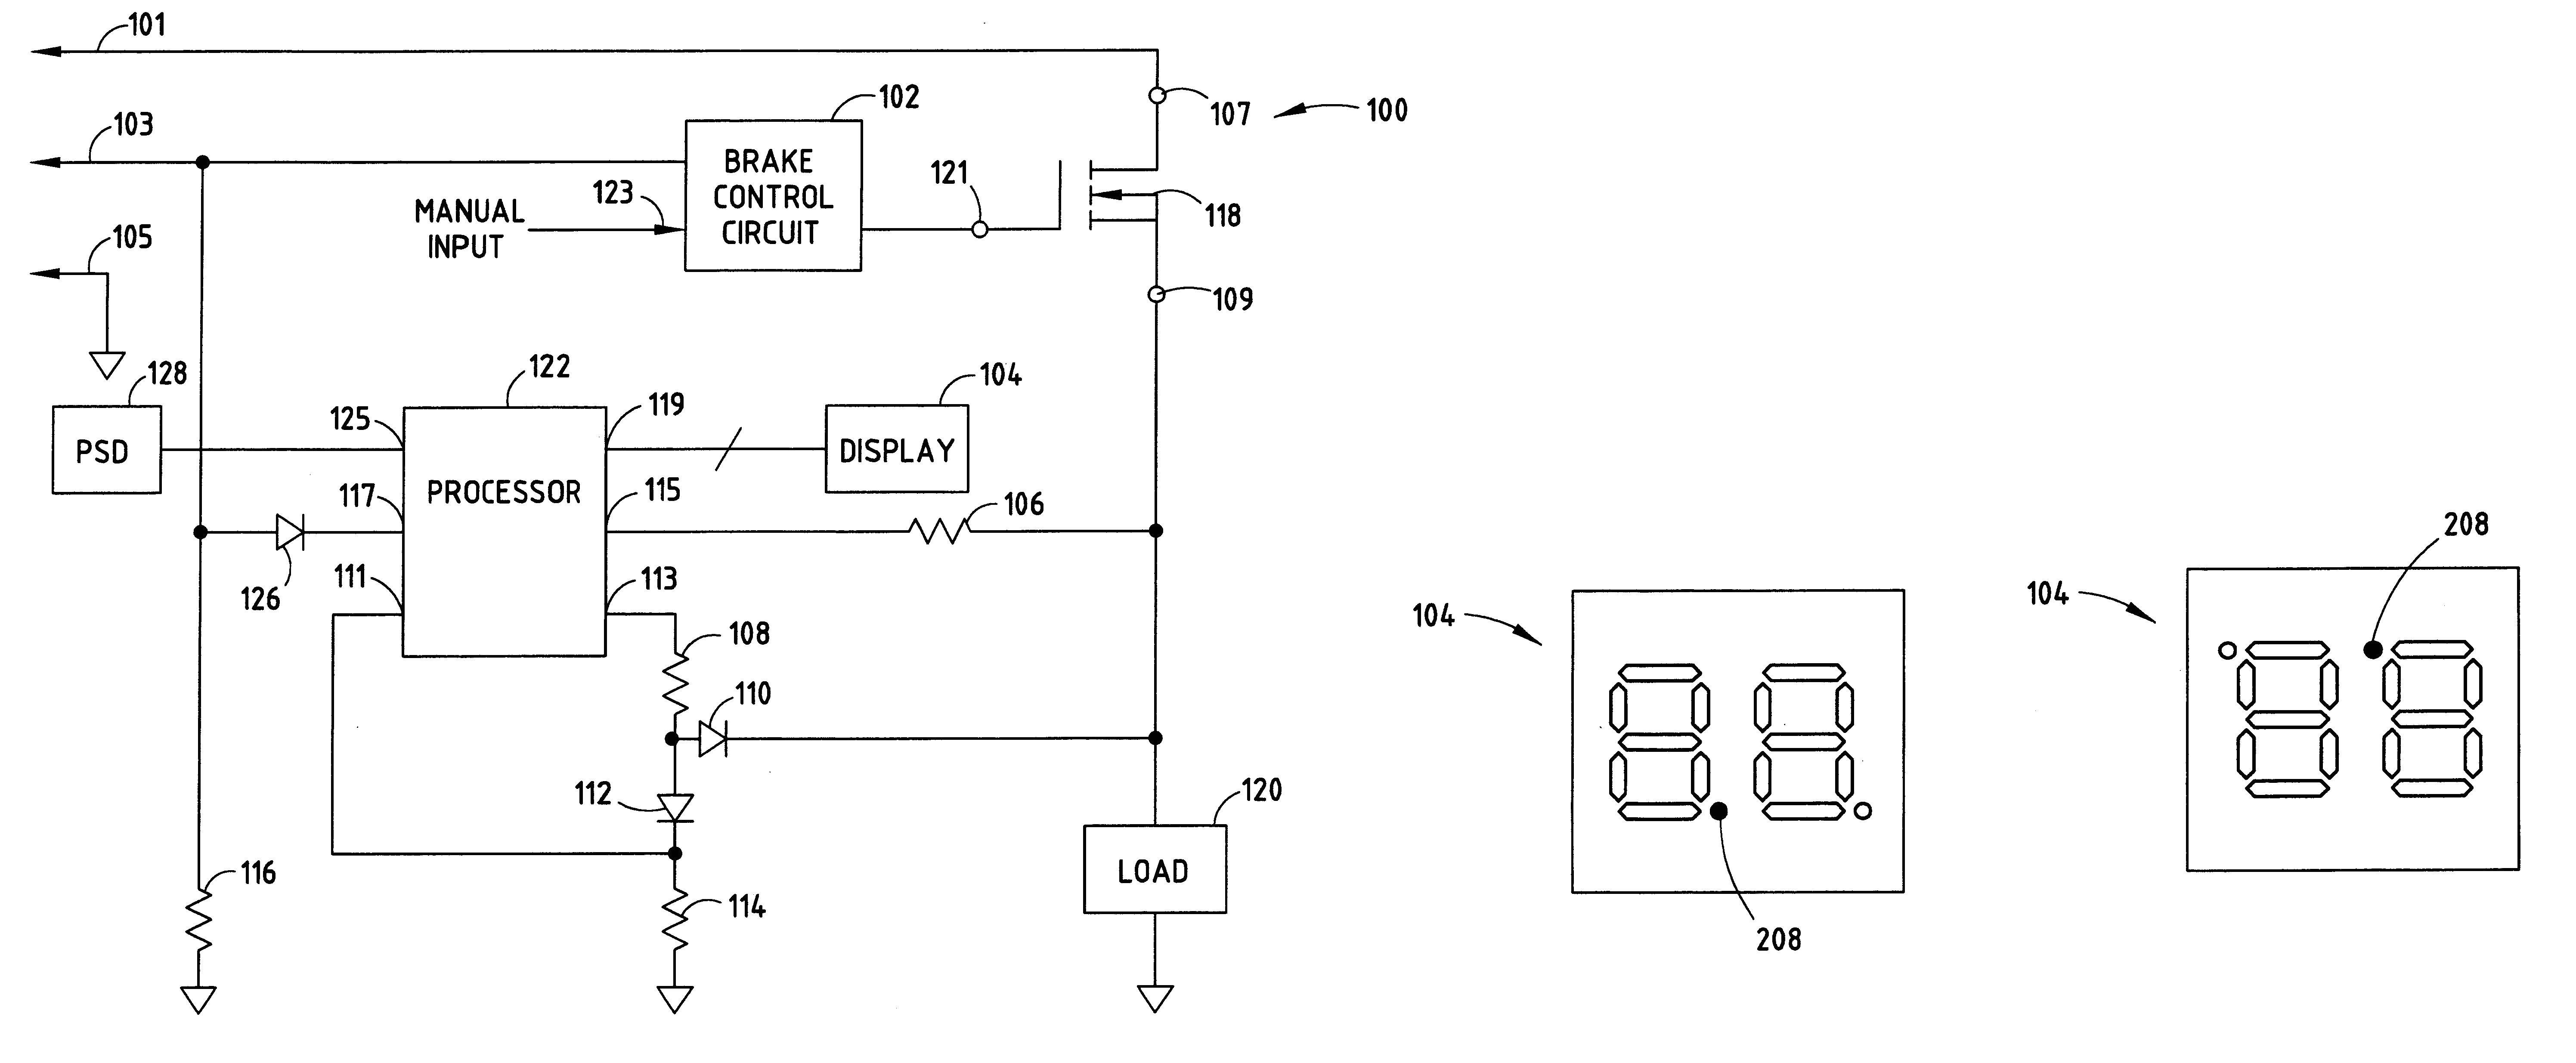 tekonsha voyager wiring diagram ford f 450 wiring diagrams favorites tekonsha voyager electric ke wiring diagram